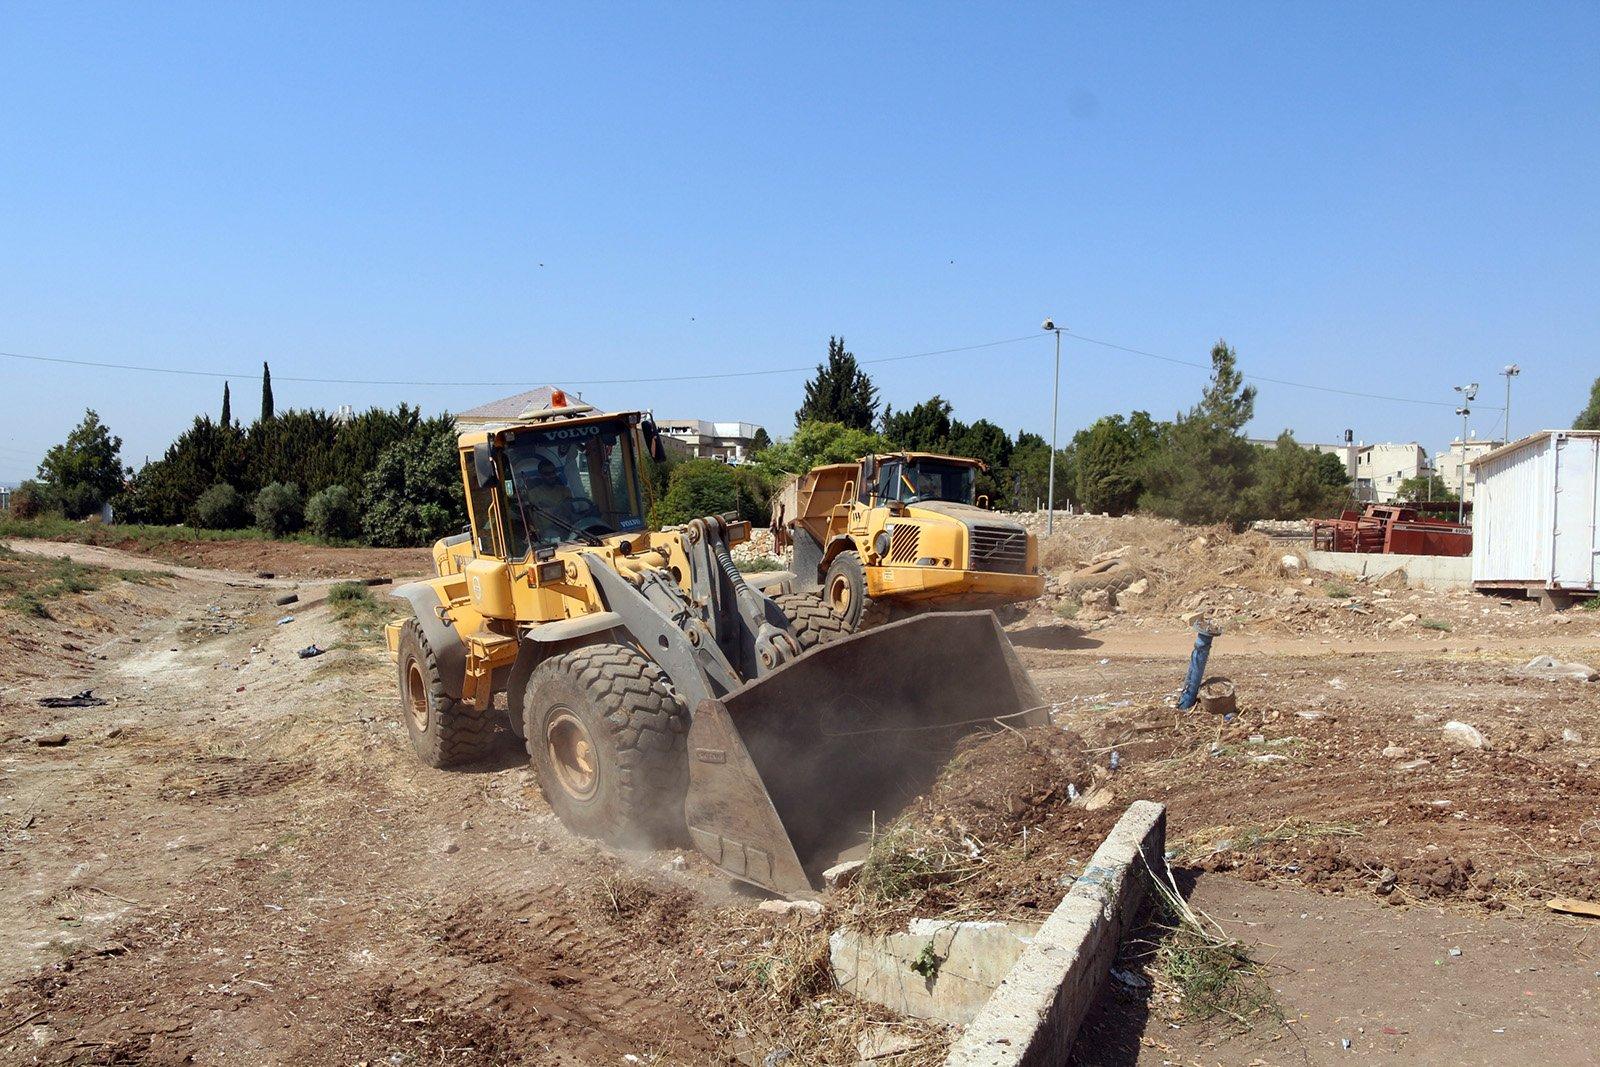 البدء بتطوير وادي الكسلان في المقيبلة لتحويله إلى حديقة عامة